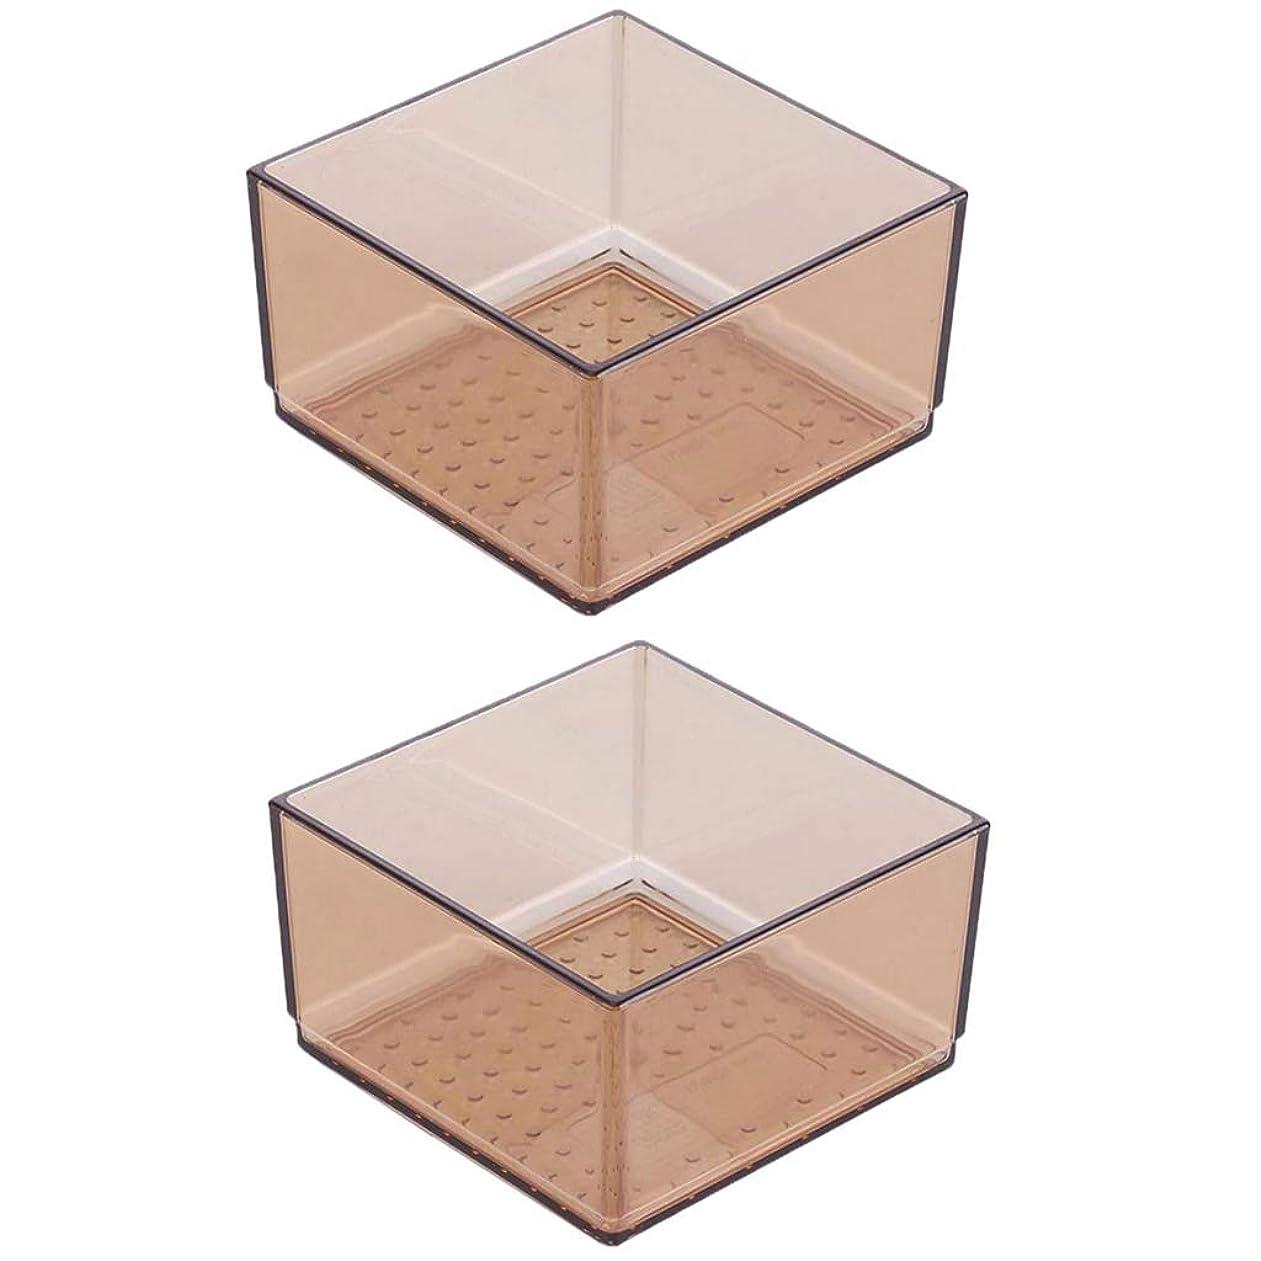 ごちそう紛争残高収納バスケット 収納ボックス キッチン バスルーム プラスチック 雑貨 スペースを節約 浴室